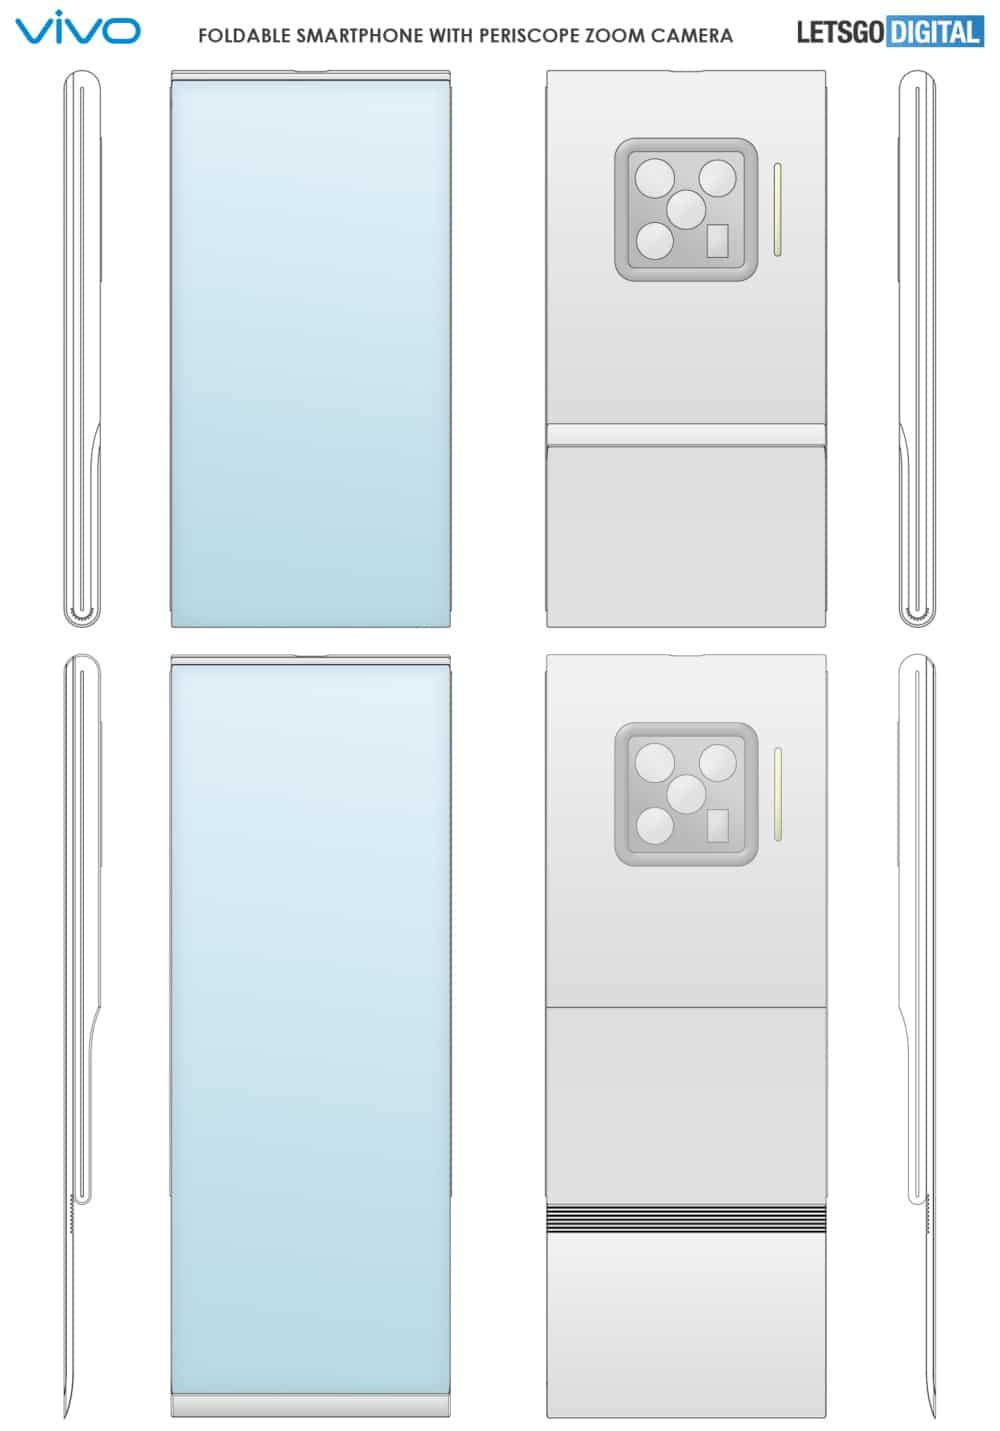 Patente indica que a Vivo está desenvolvendo um novo modelo de Flip Phone para lançar no mercado